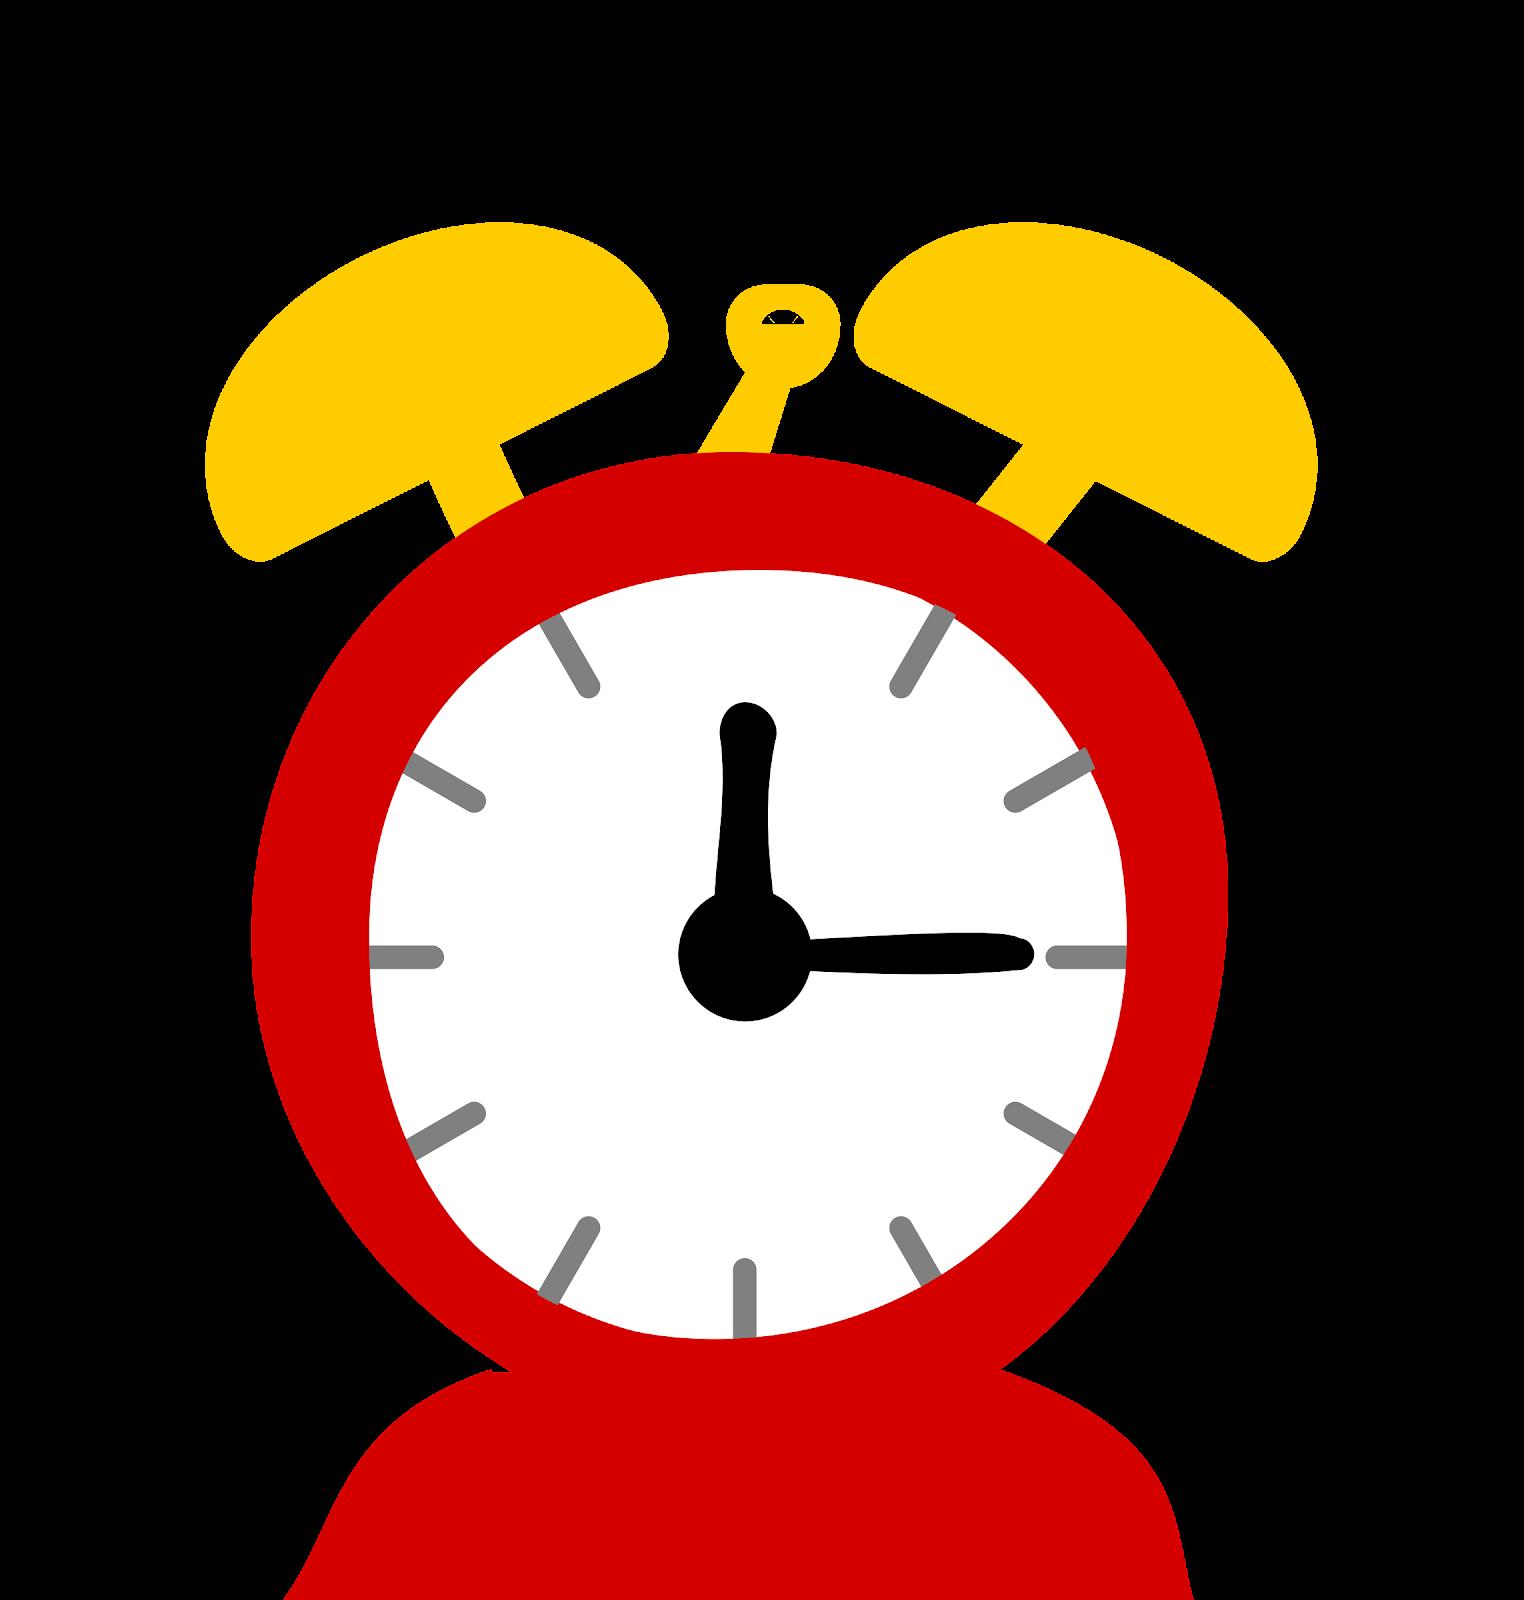 File:Draw alarm-clock.png